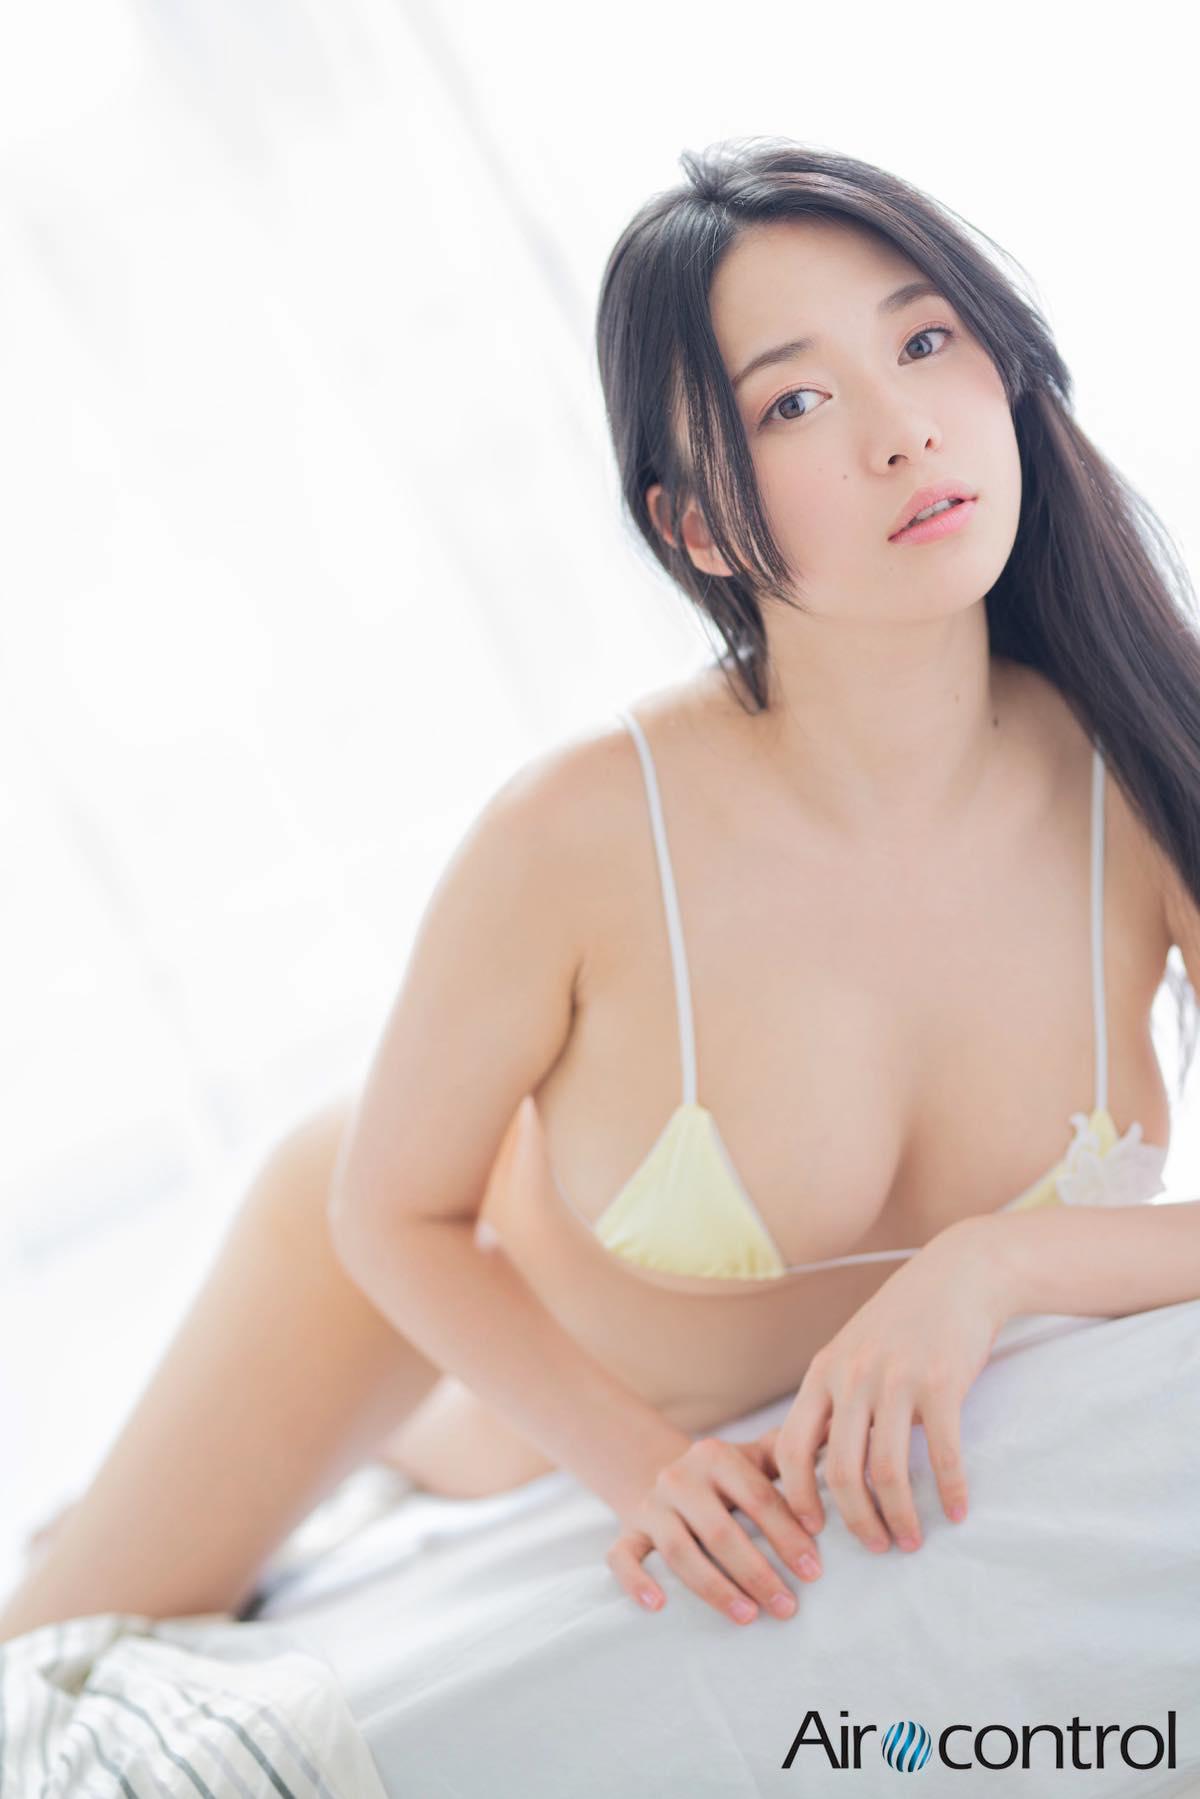 山中知恵「えっちなお姉さん」の官能ボディ【写真9枚】の画像009